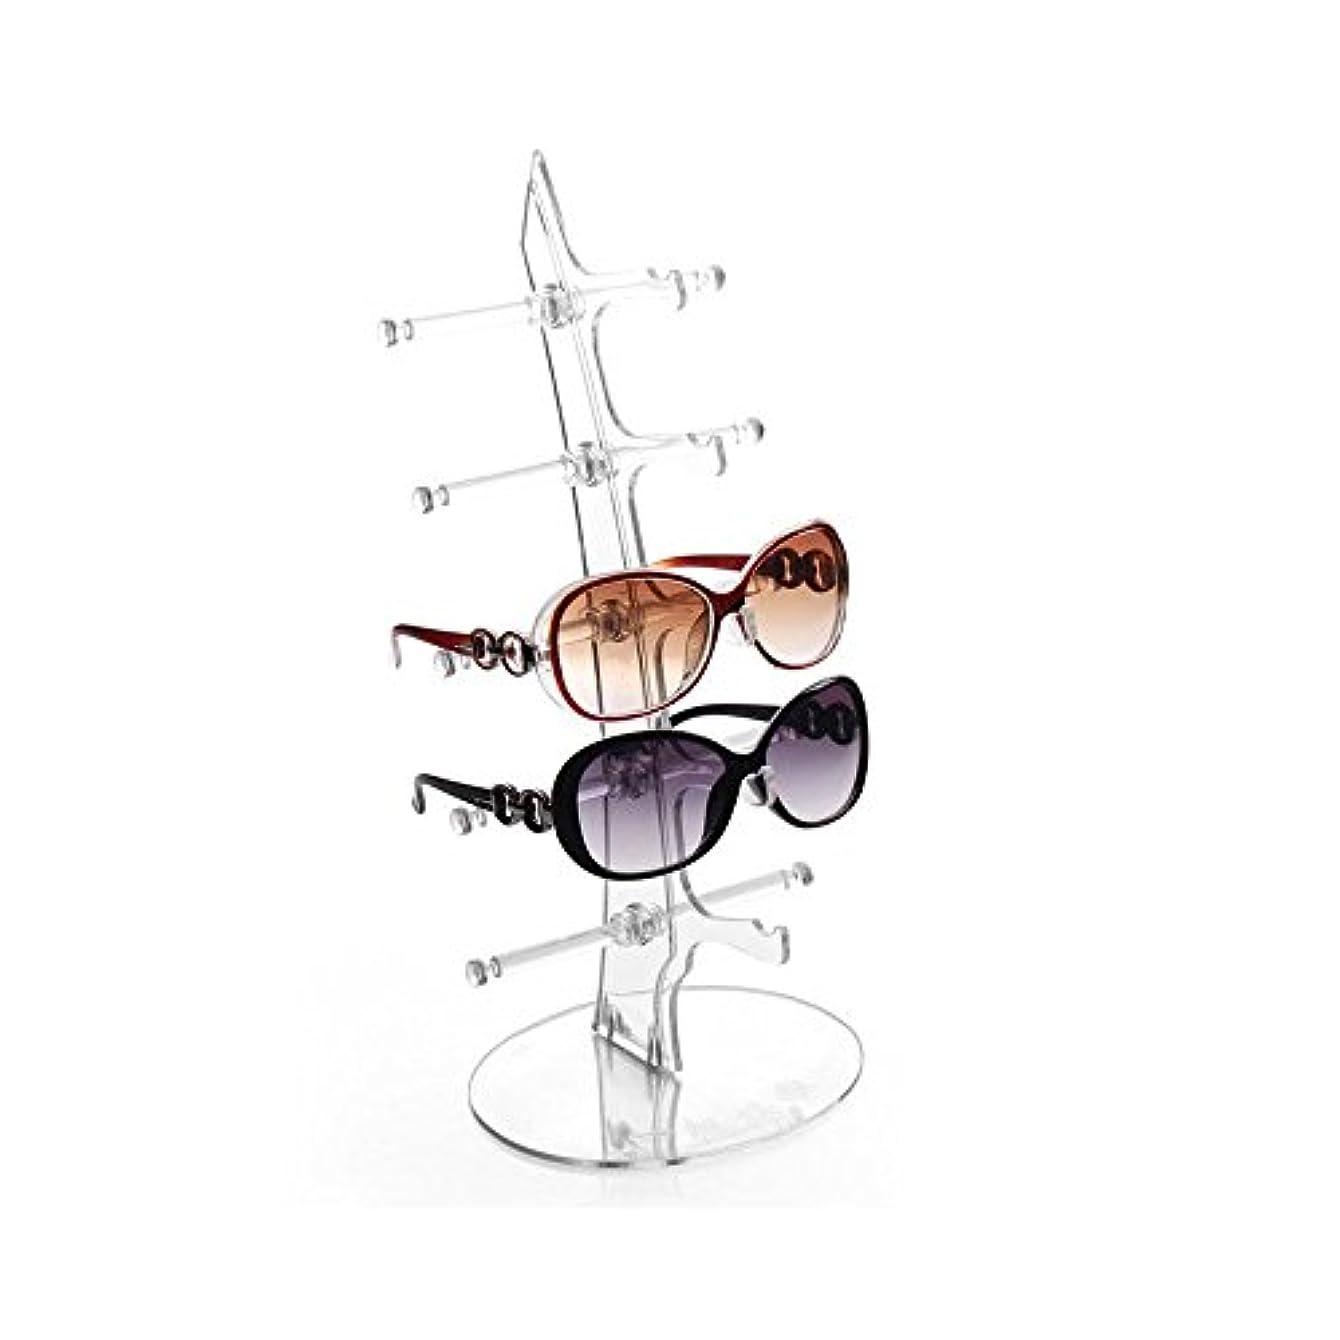 ベール中級シュガーHongch 眼鏡 デイリー用ディスプレイスタンド サングラスホルダーラック 眼鏡